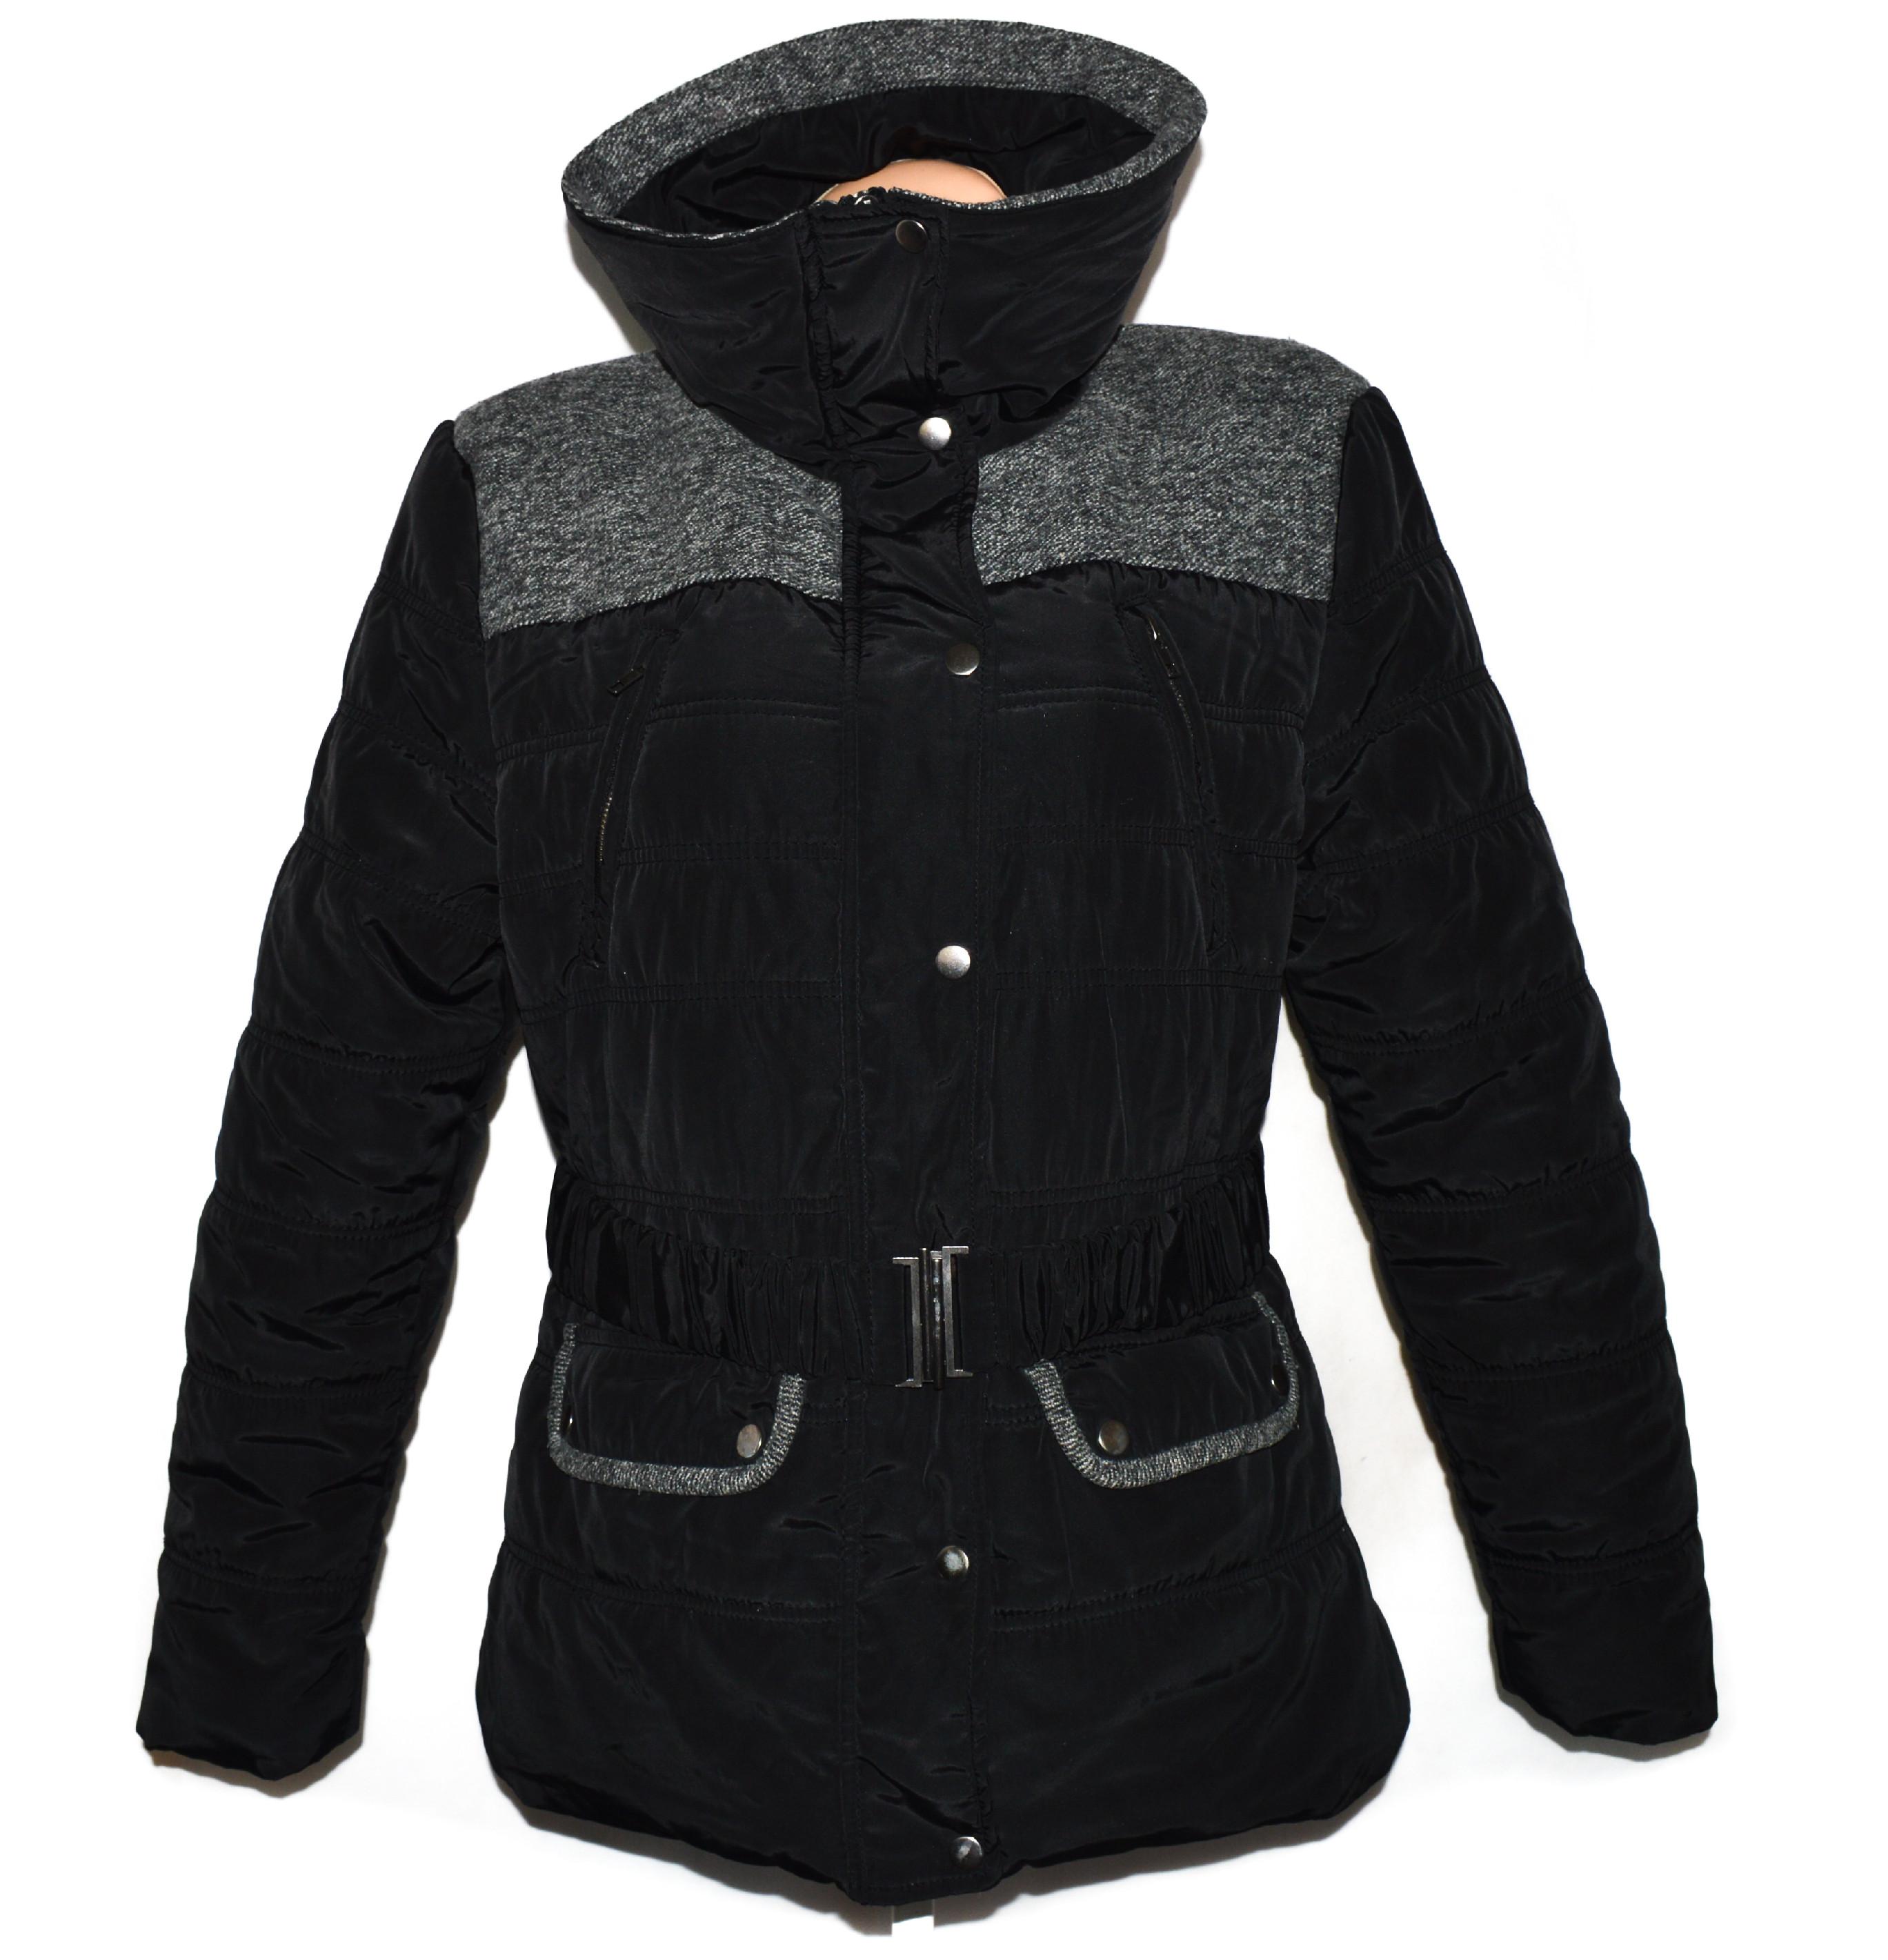 Dámský černý kabát s páskem UK 18